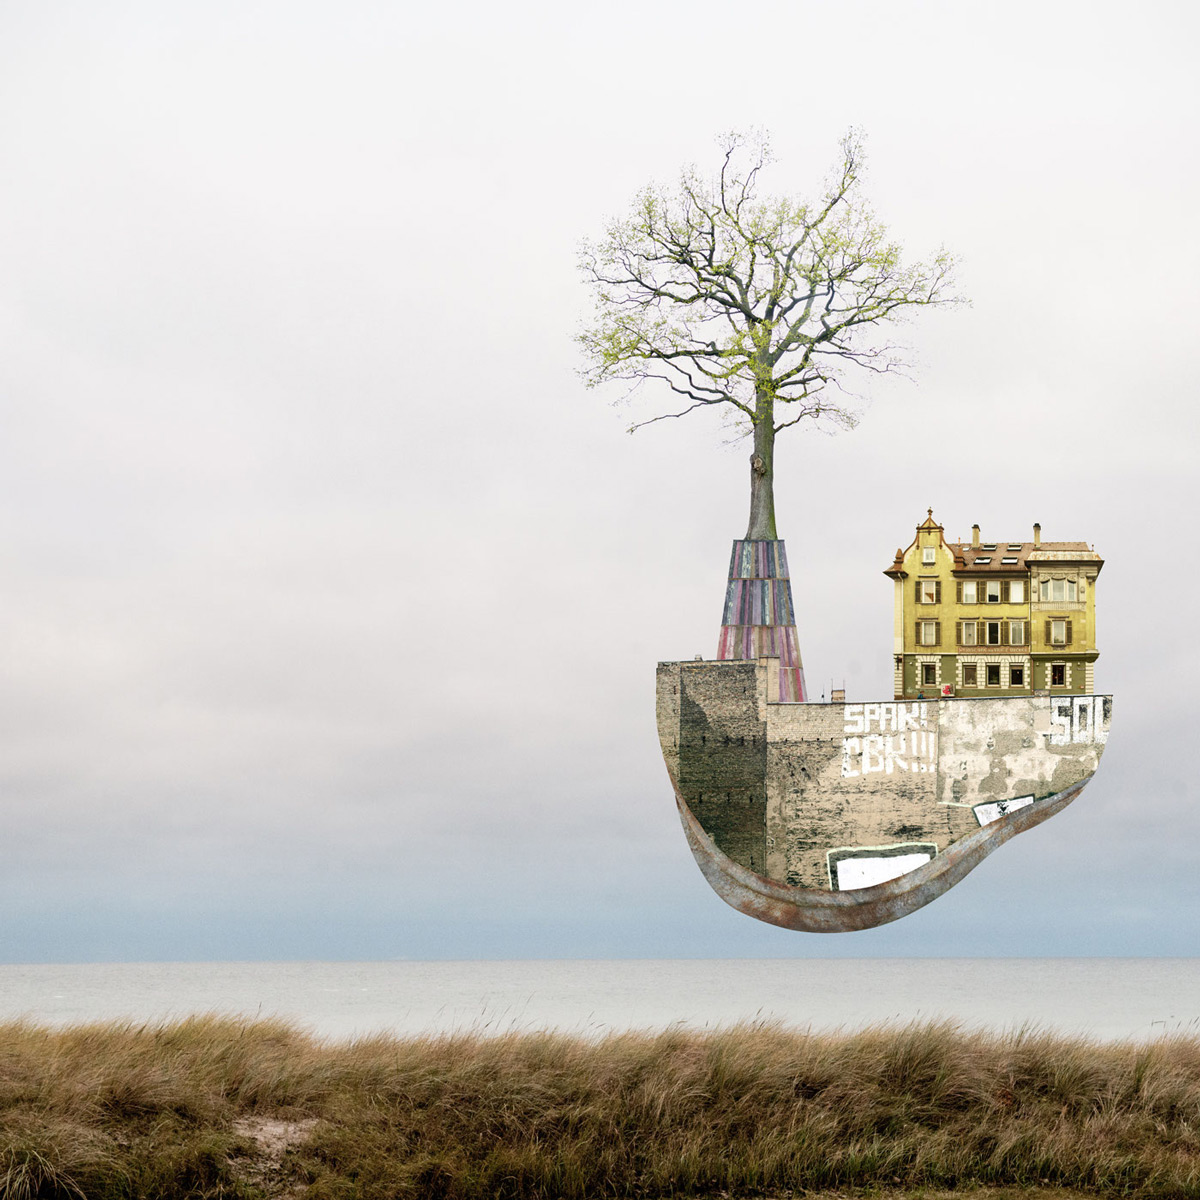 Le architetture galleggianti di Matthias Jung | Collater.al 6